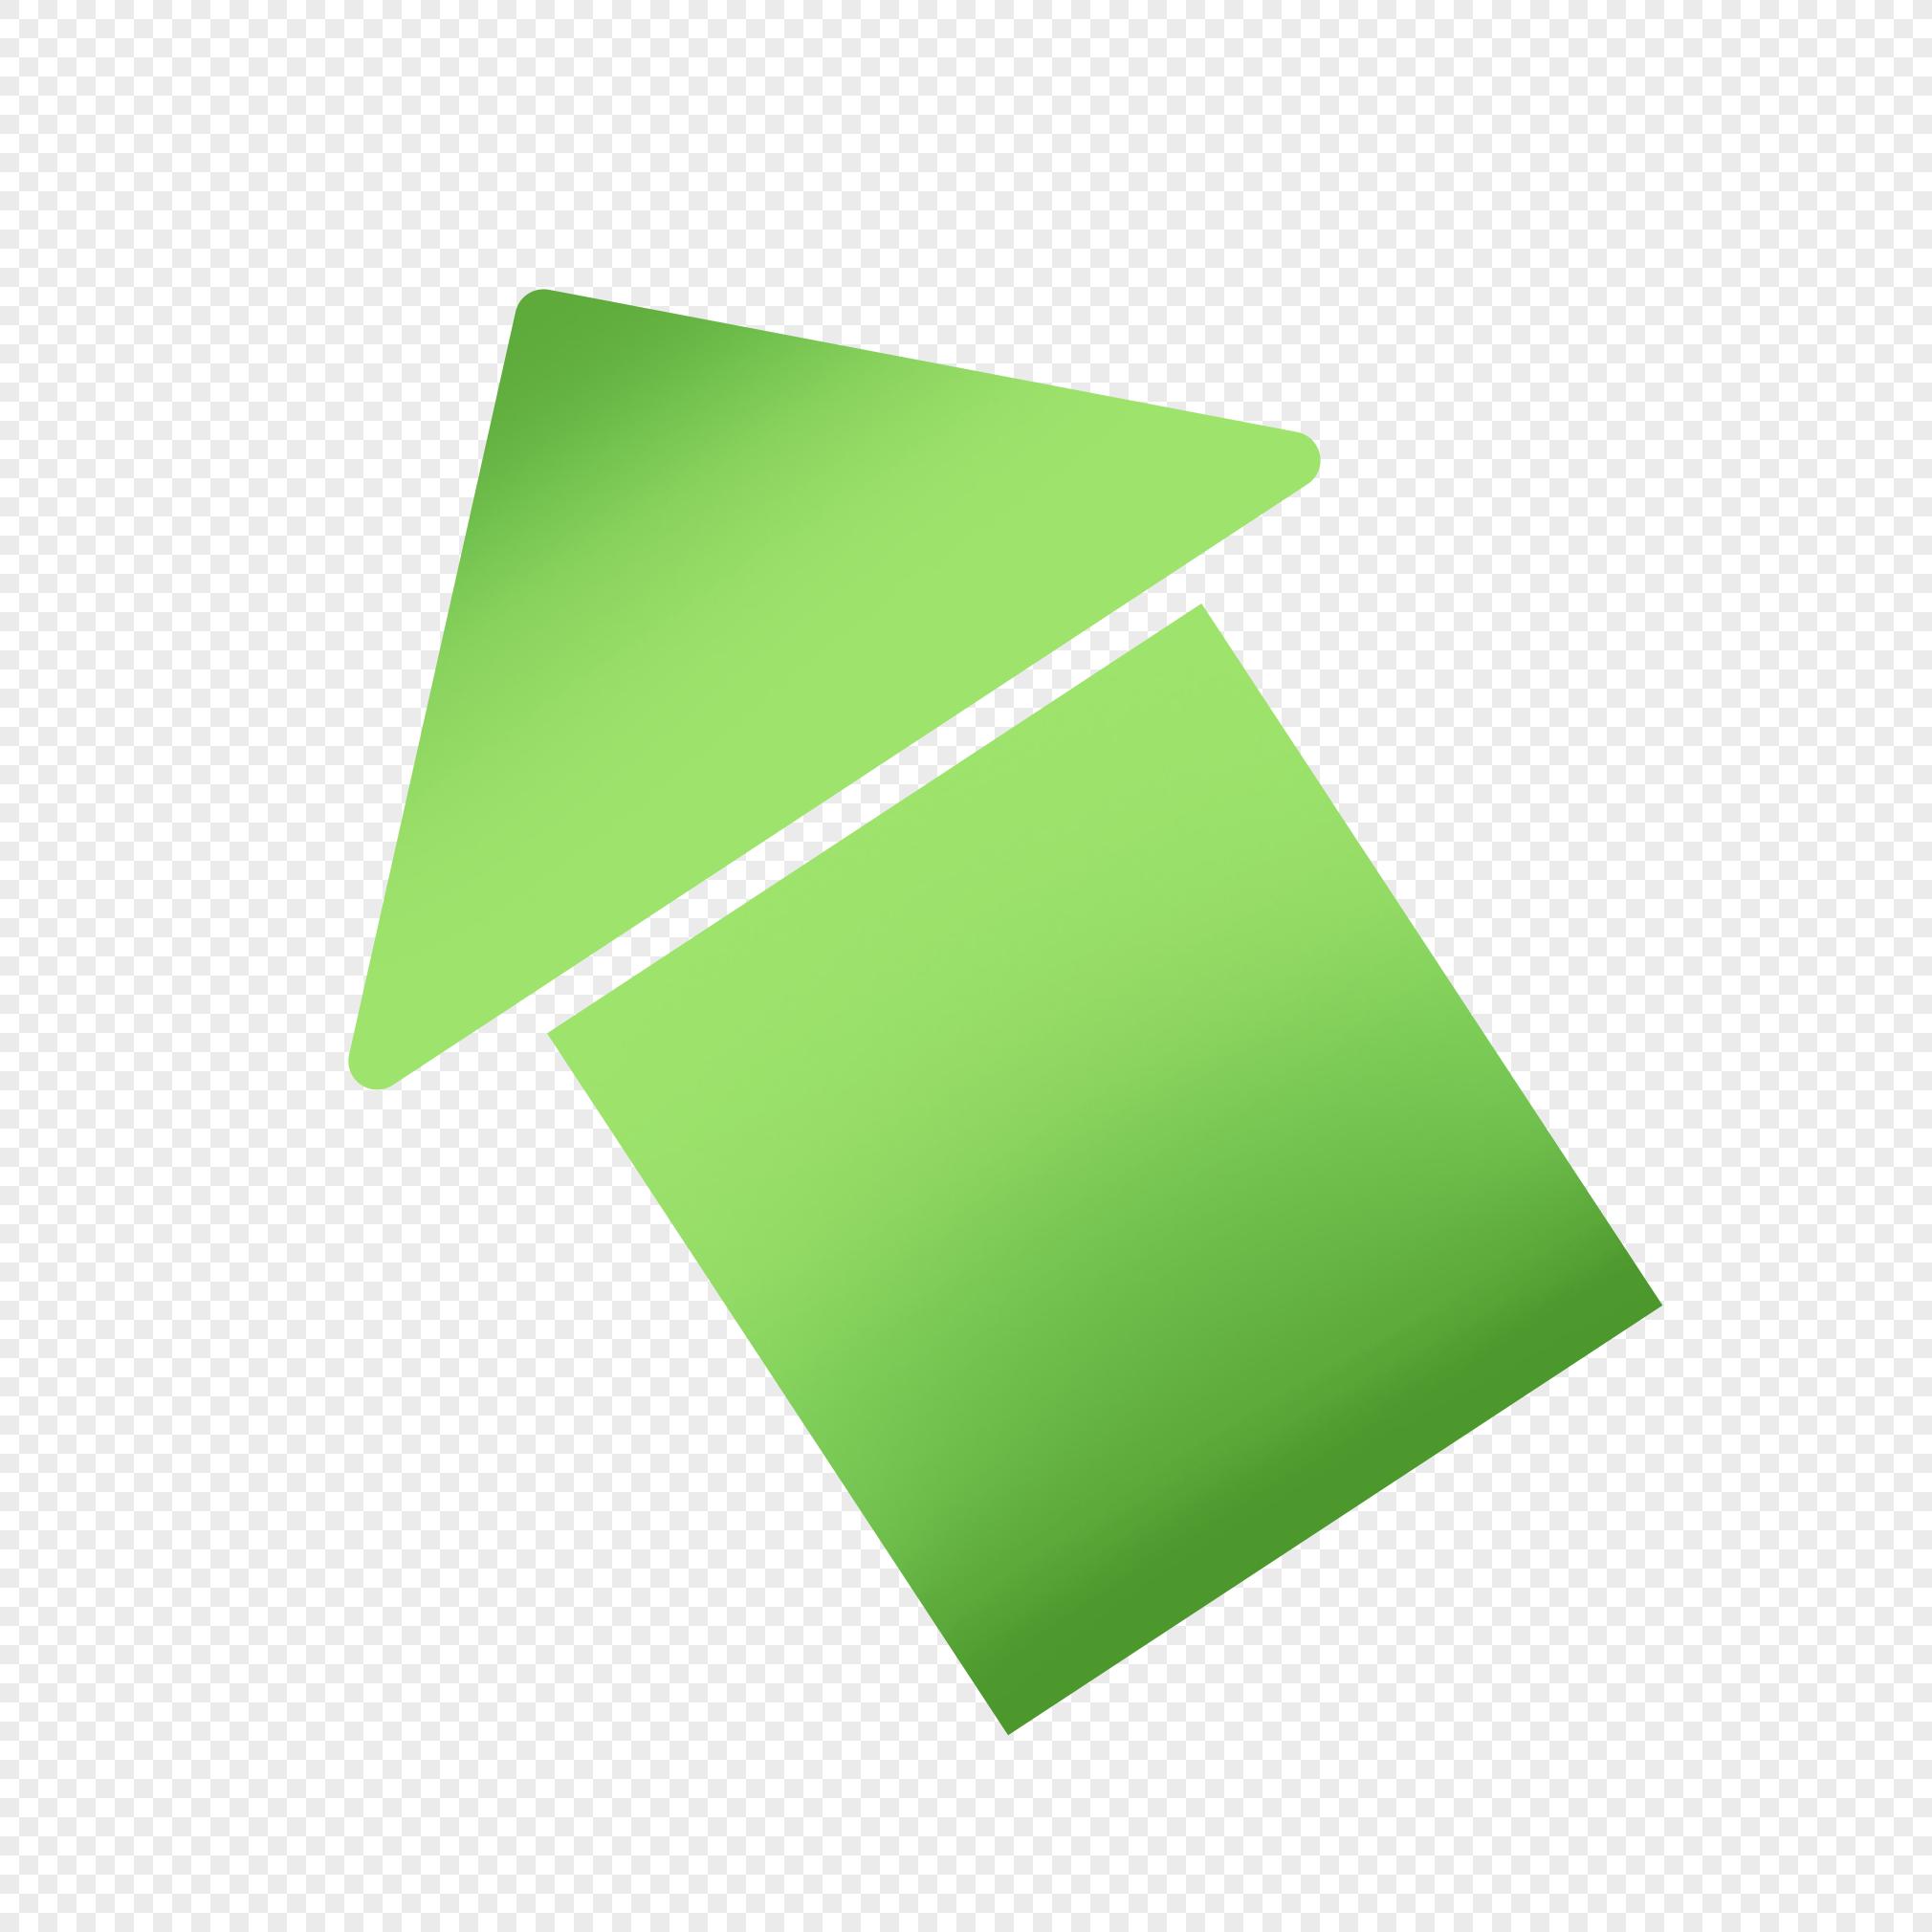 箭头图片素材_免费下载_图片格式_vrf高清图片_摄